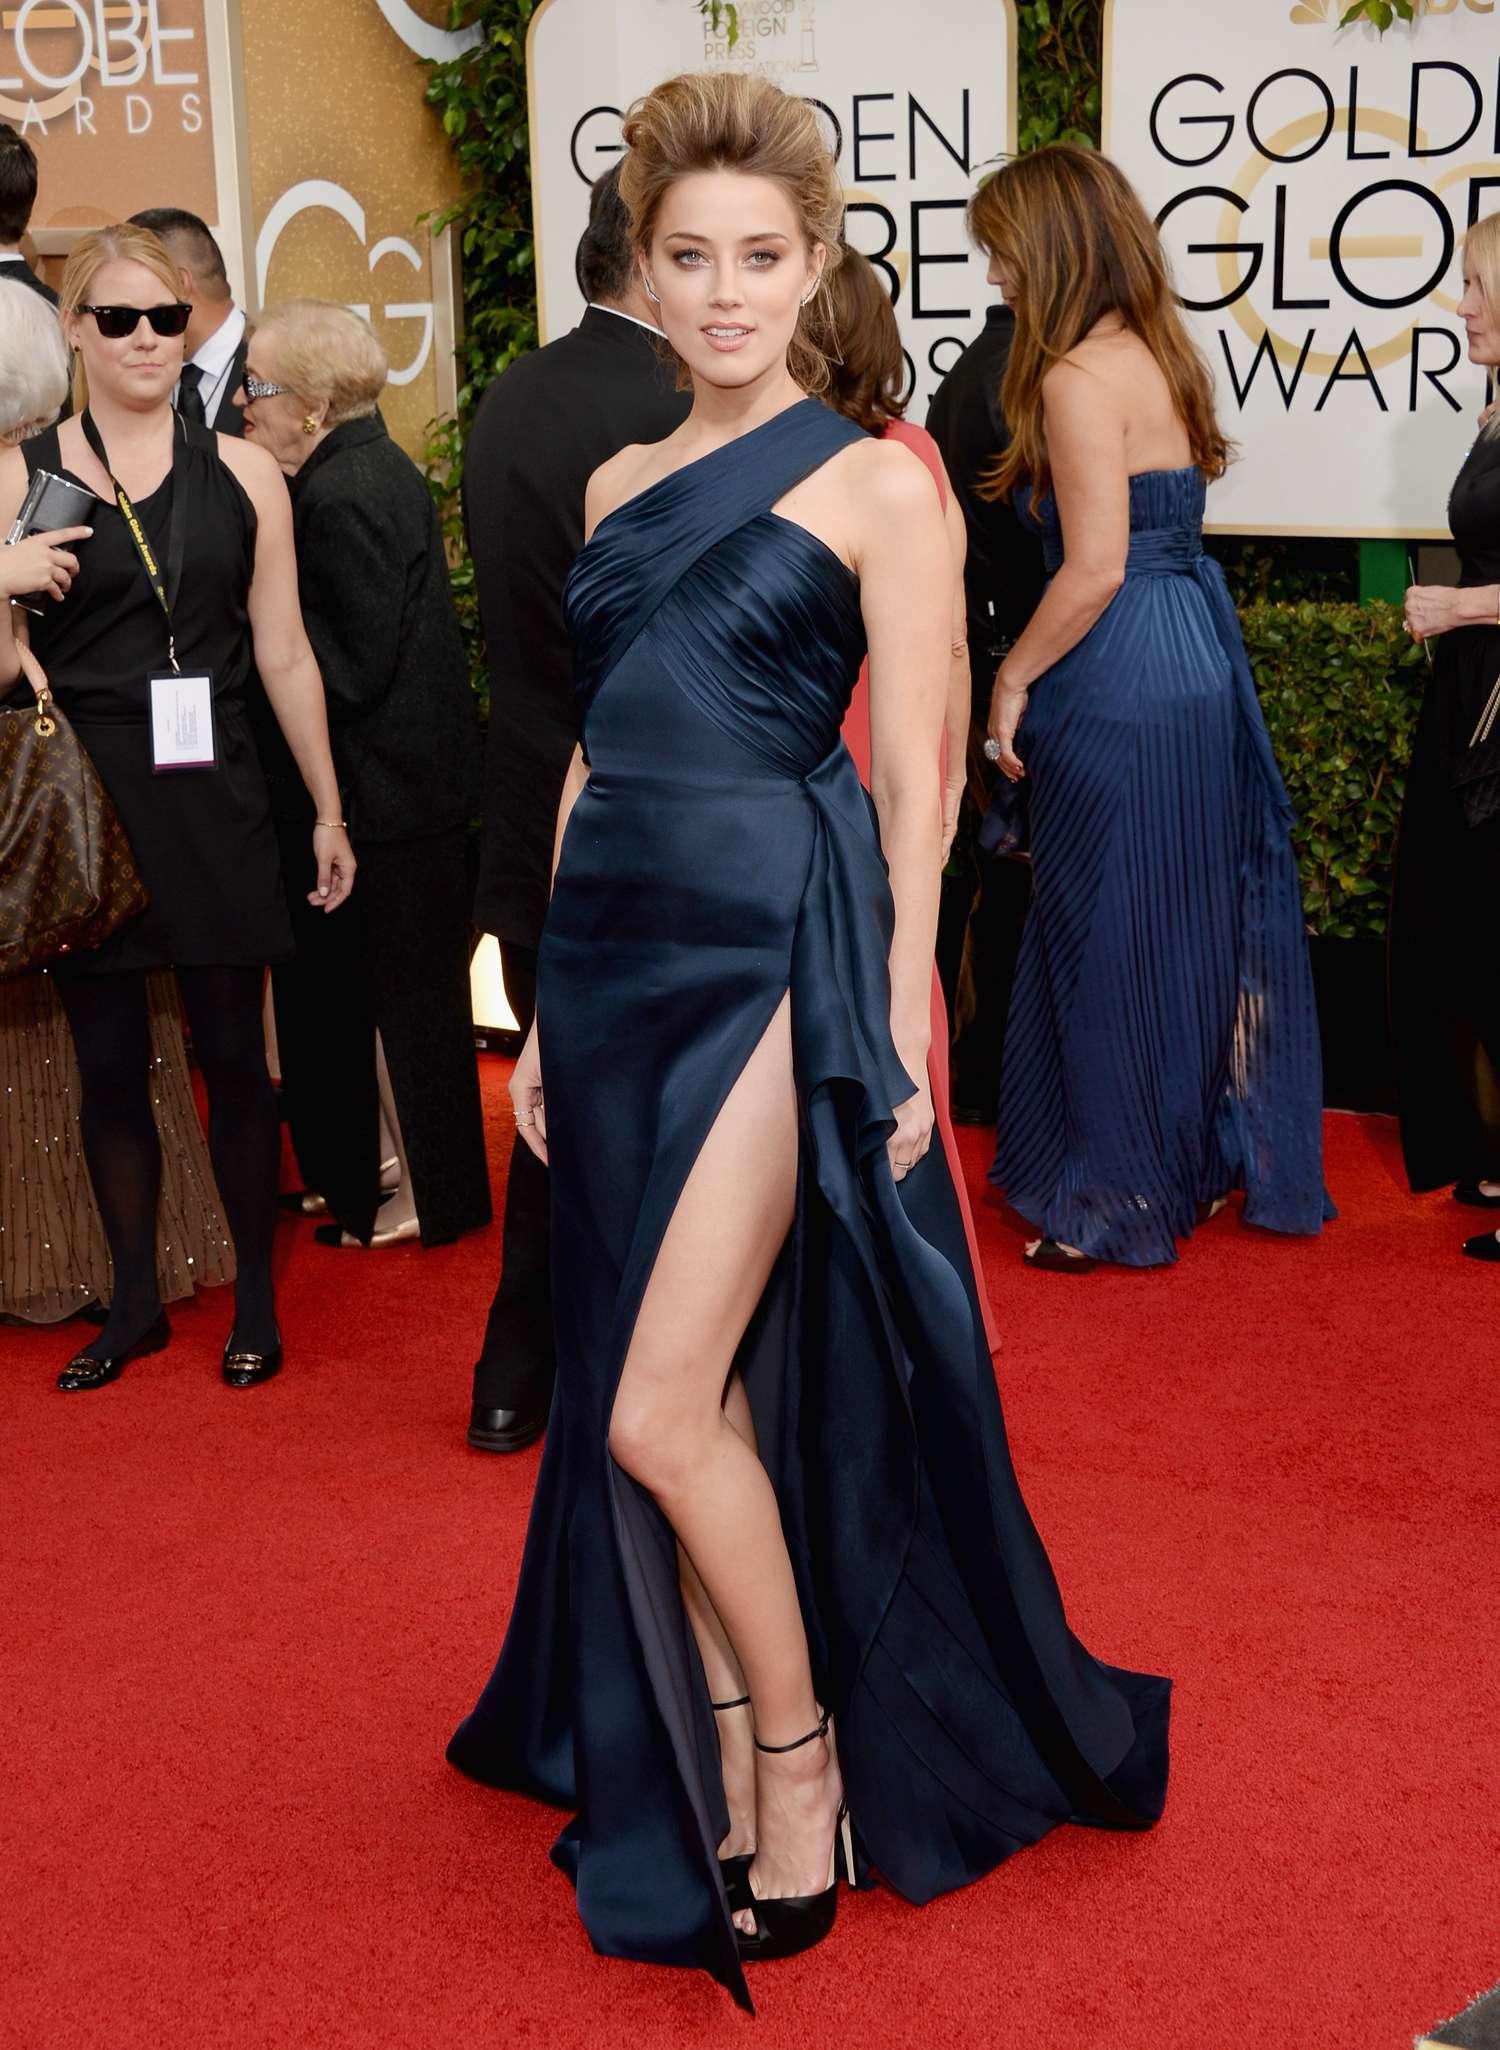 Amber Heard 2014 : Amber Heard: Golden Globe 2014 Awards -42